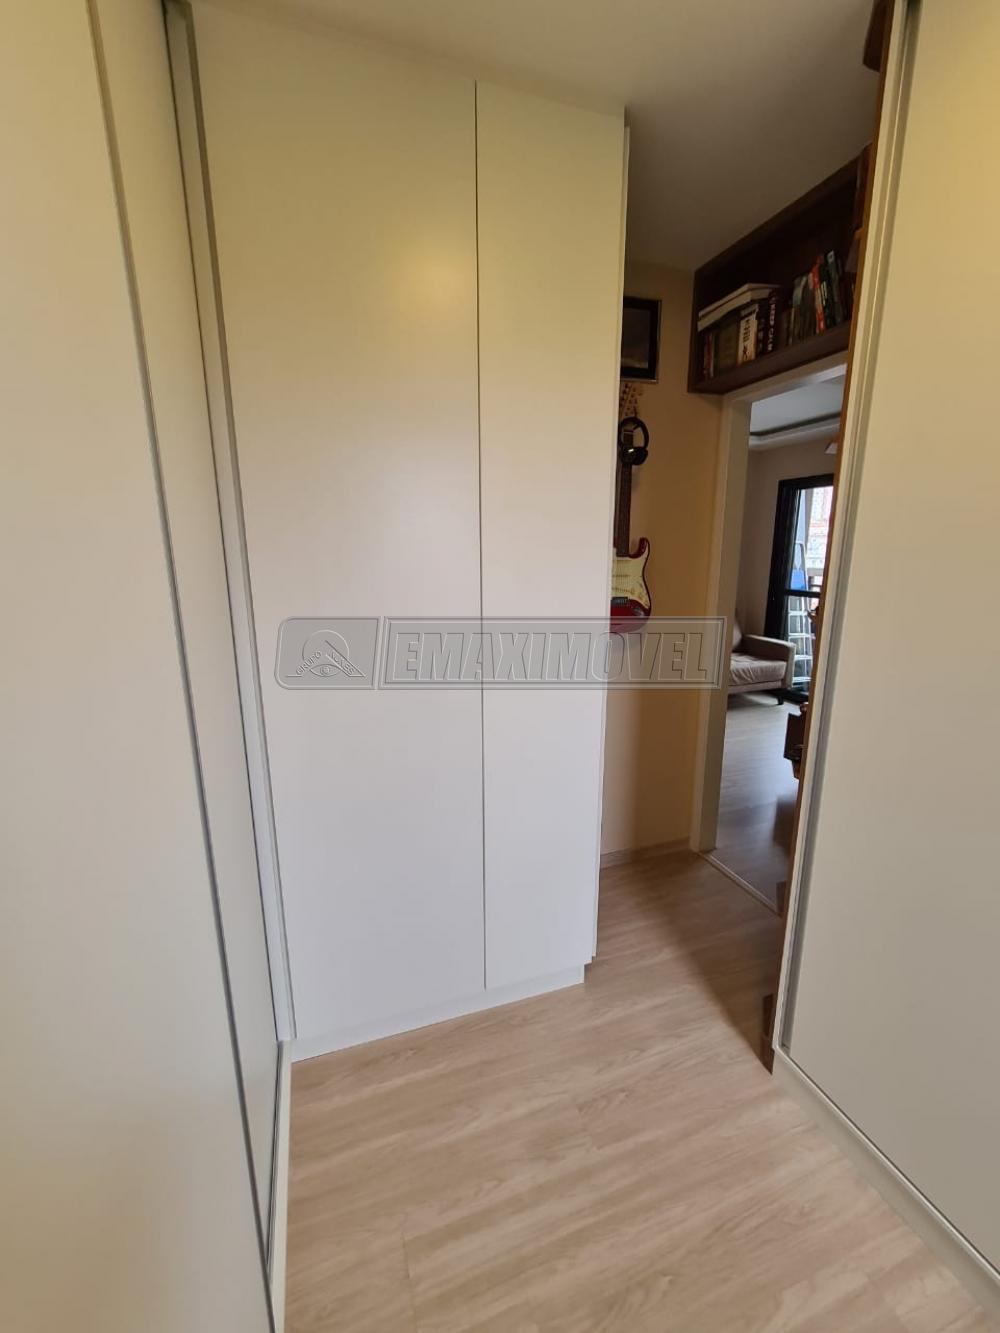 Comprar Apartamentos / Apto Padrão em Sorocaba R$ 350.000,00 - Foto 10